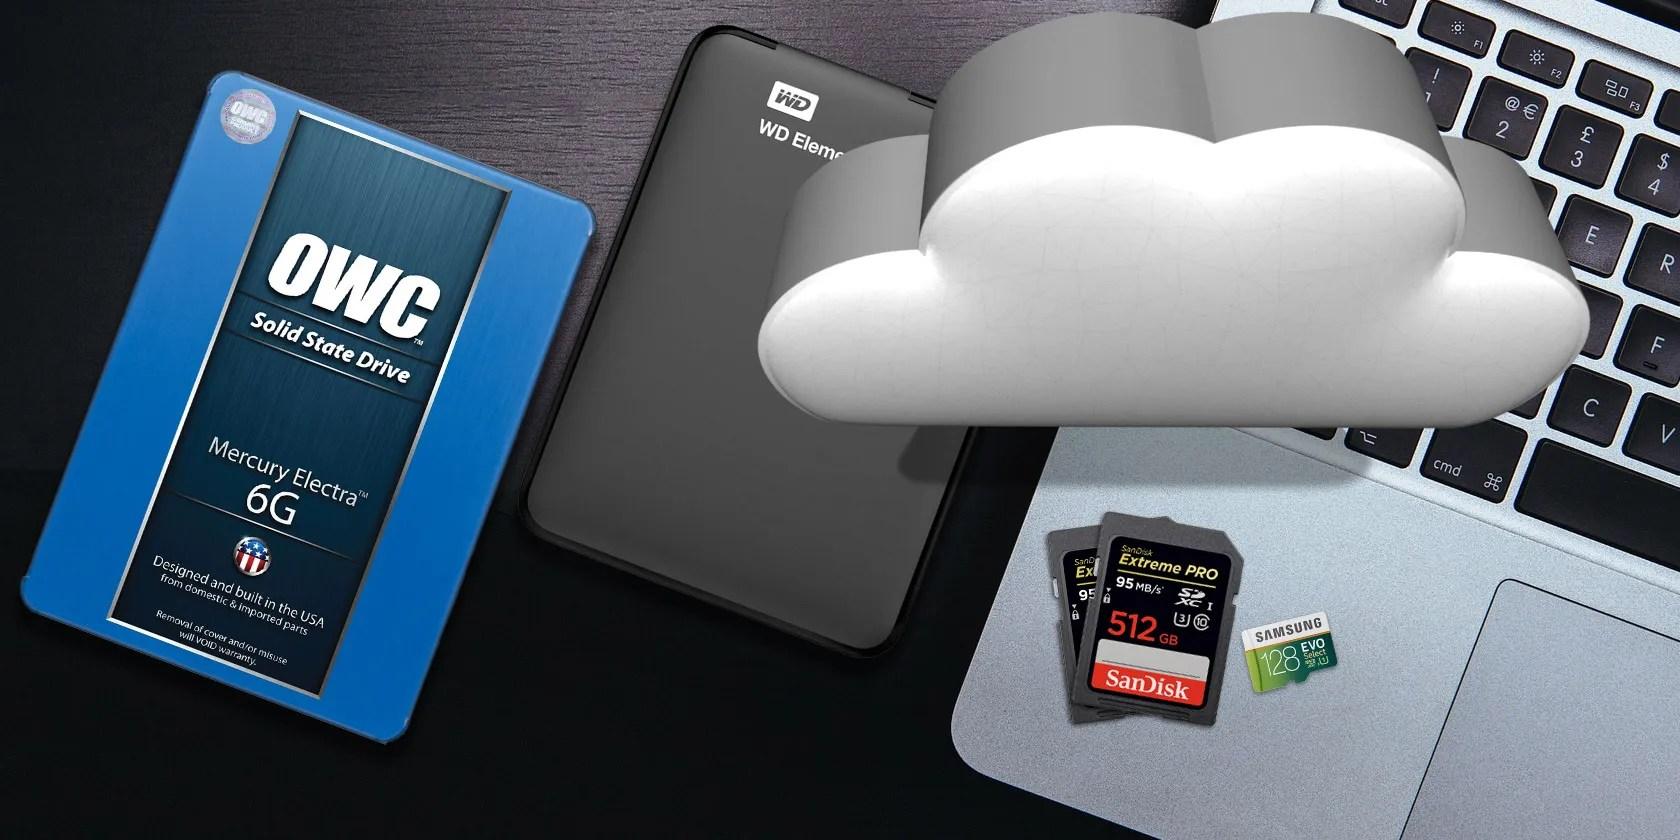 più-storage-macbook